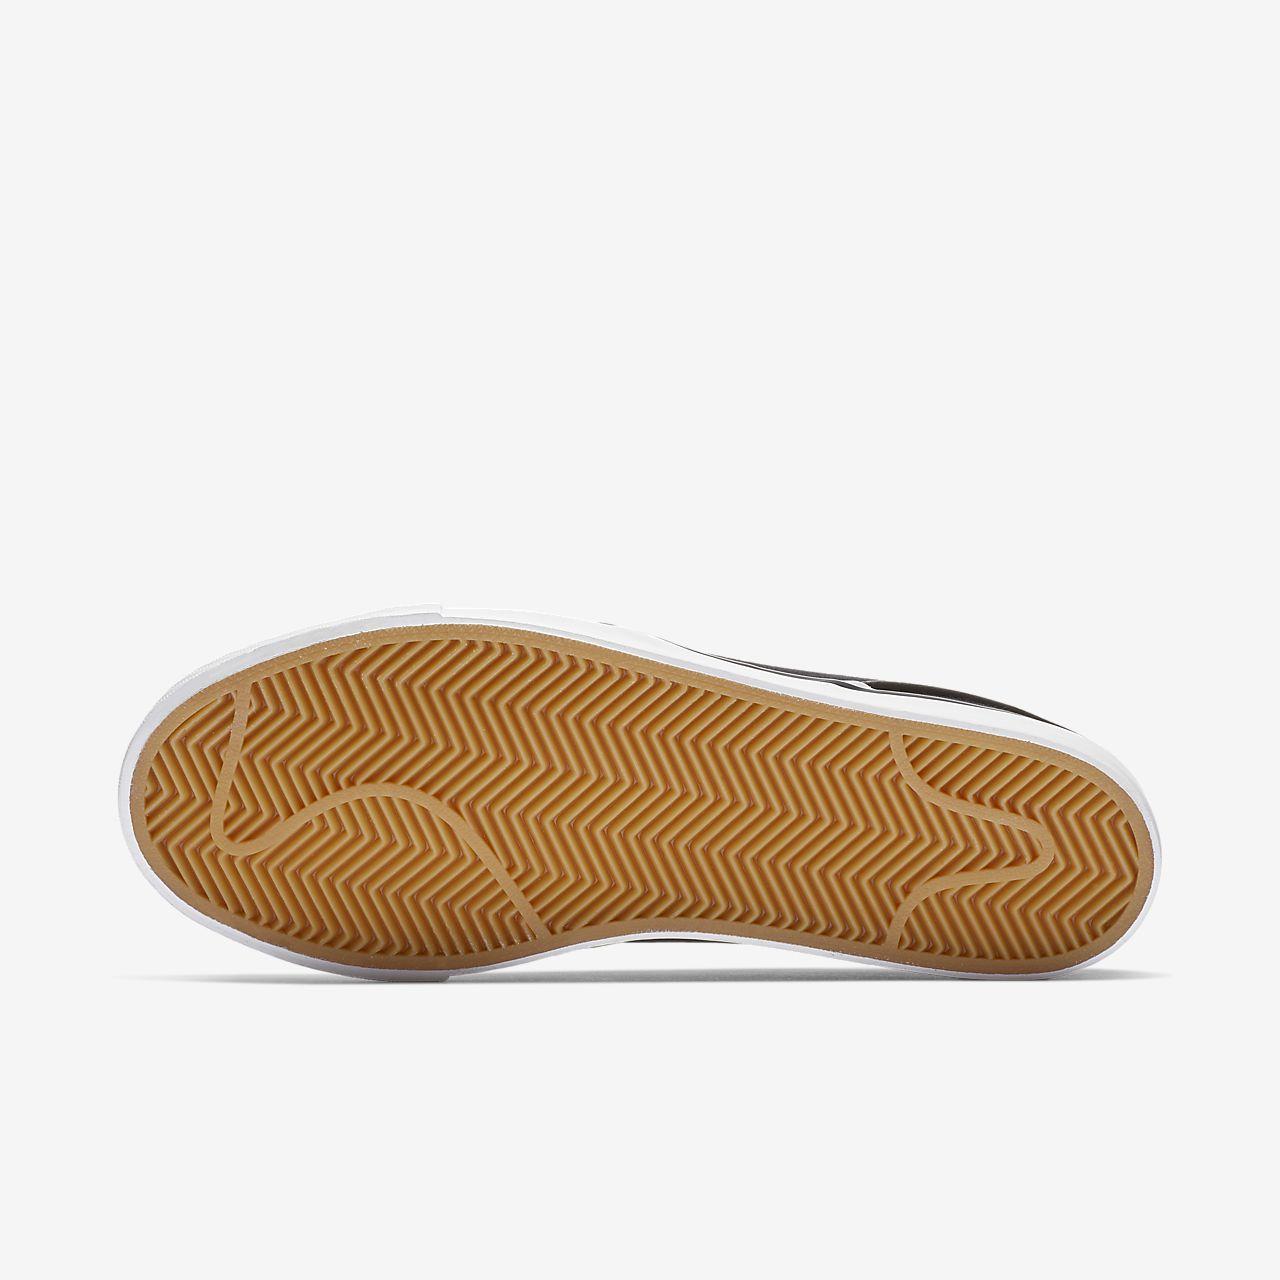 Nike SB - Zoom Stefan Janoski Skateboarding - Baskets - Noir 615957-028 - Noir WX35NS